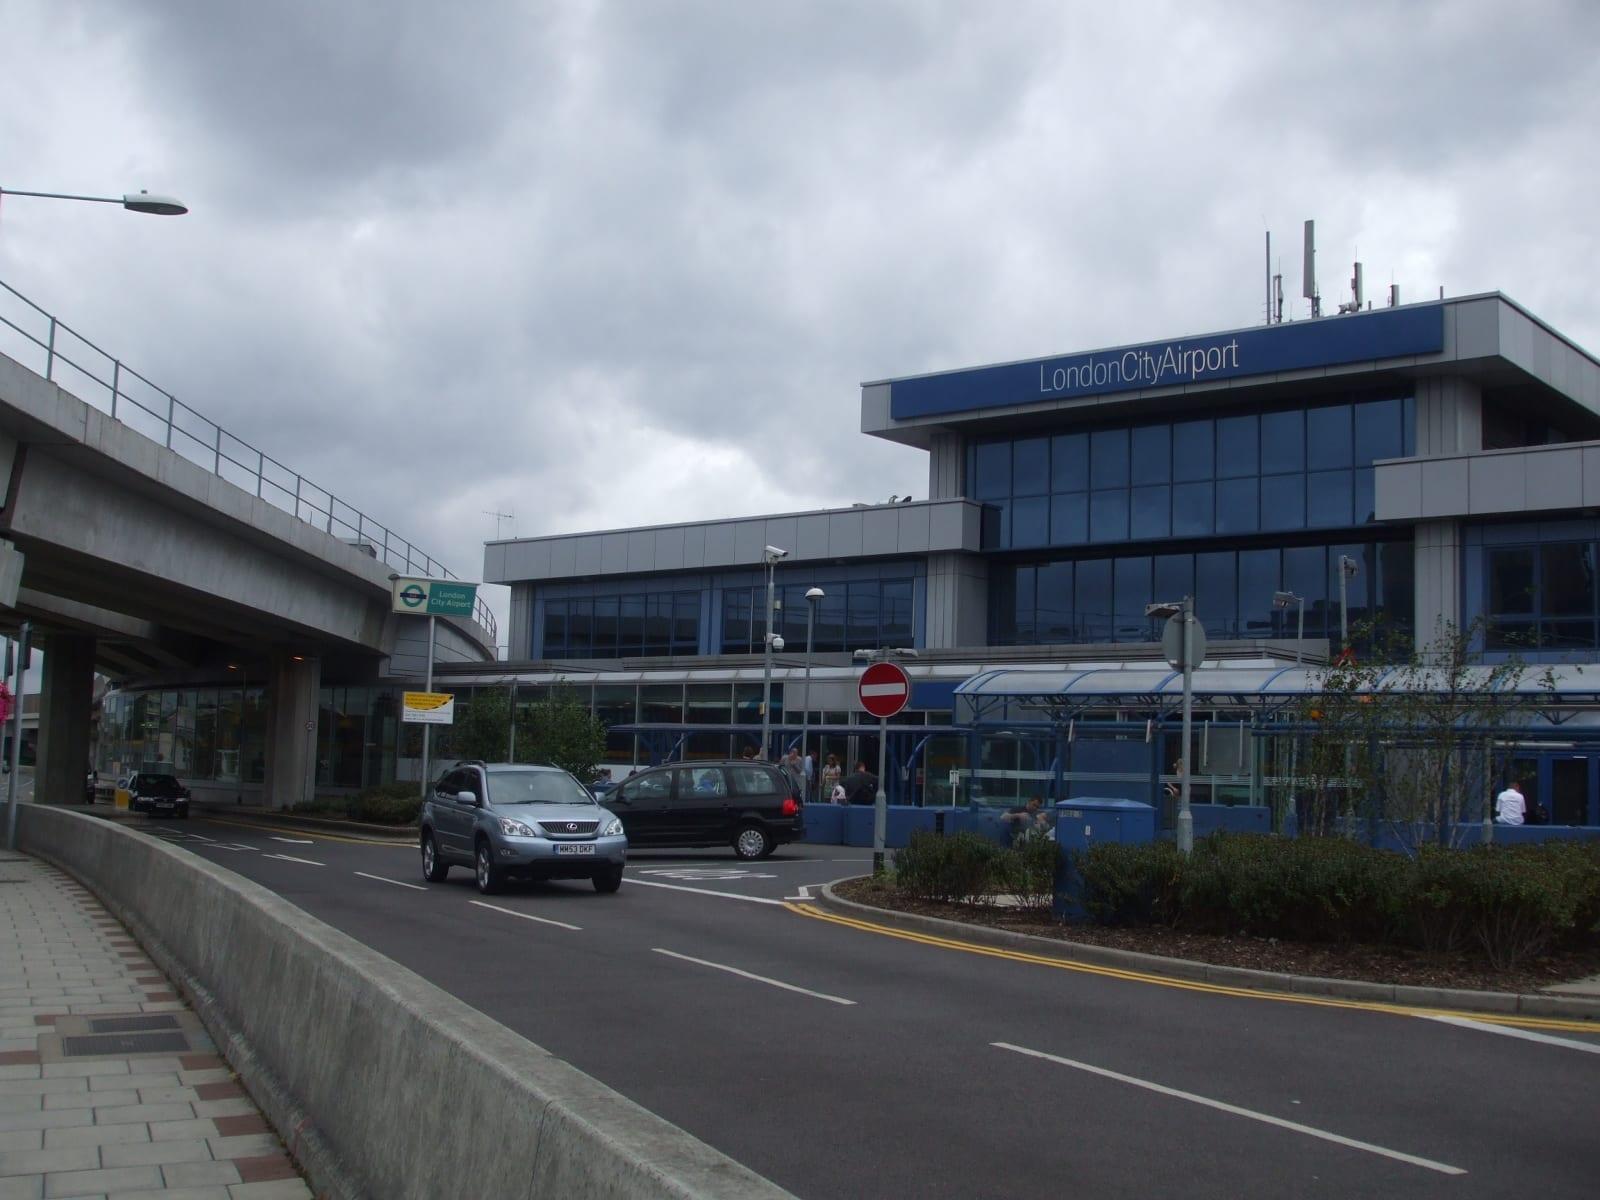 Traslados aeropuertos Londres con Easybus